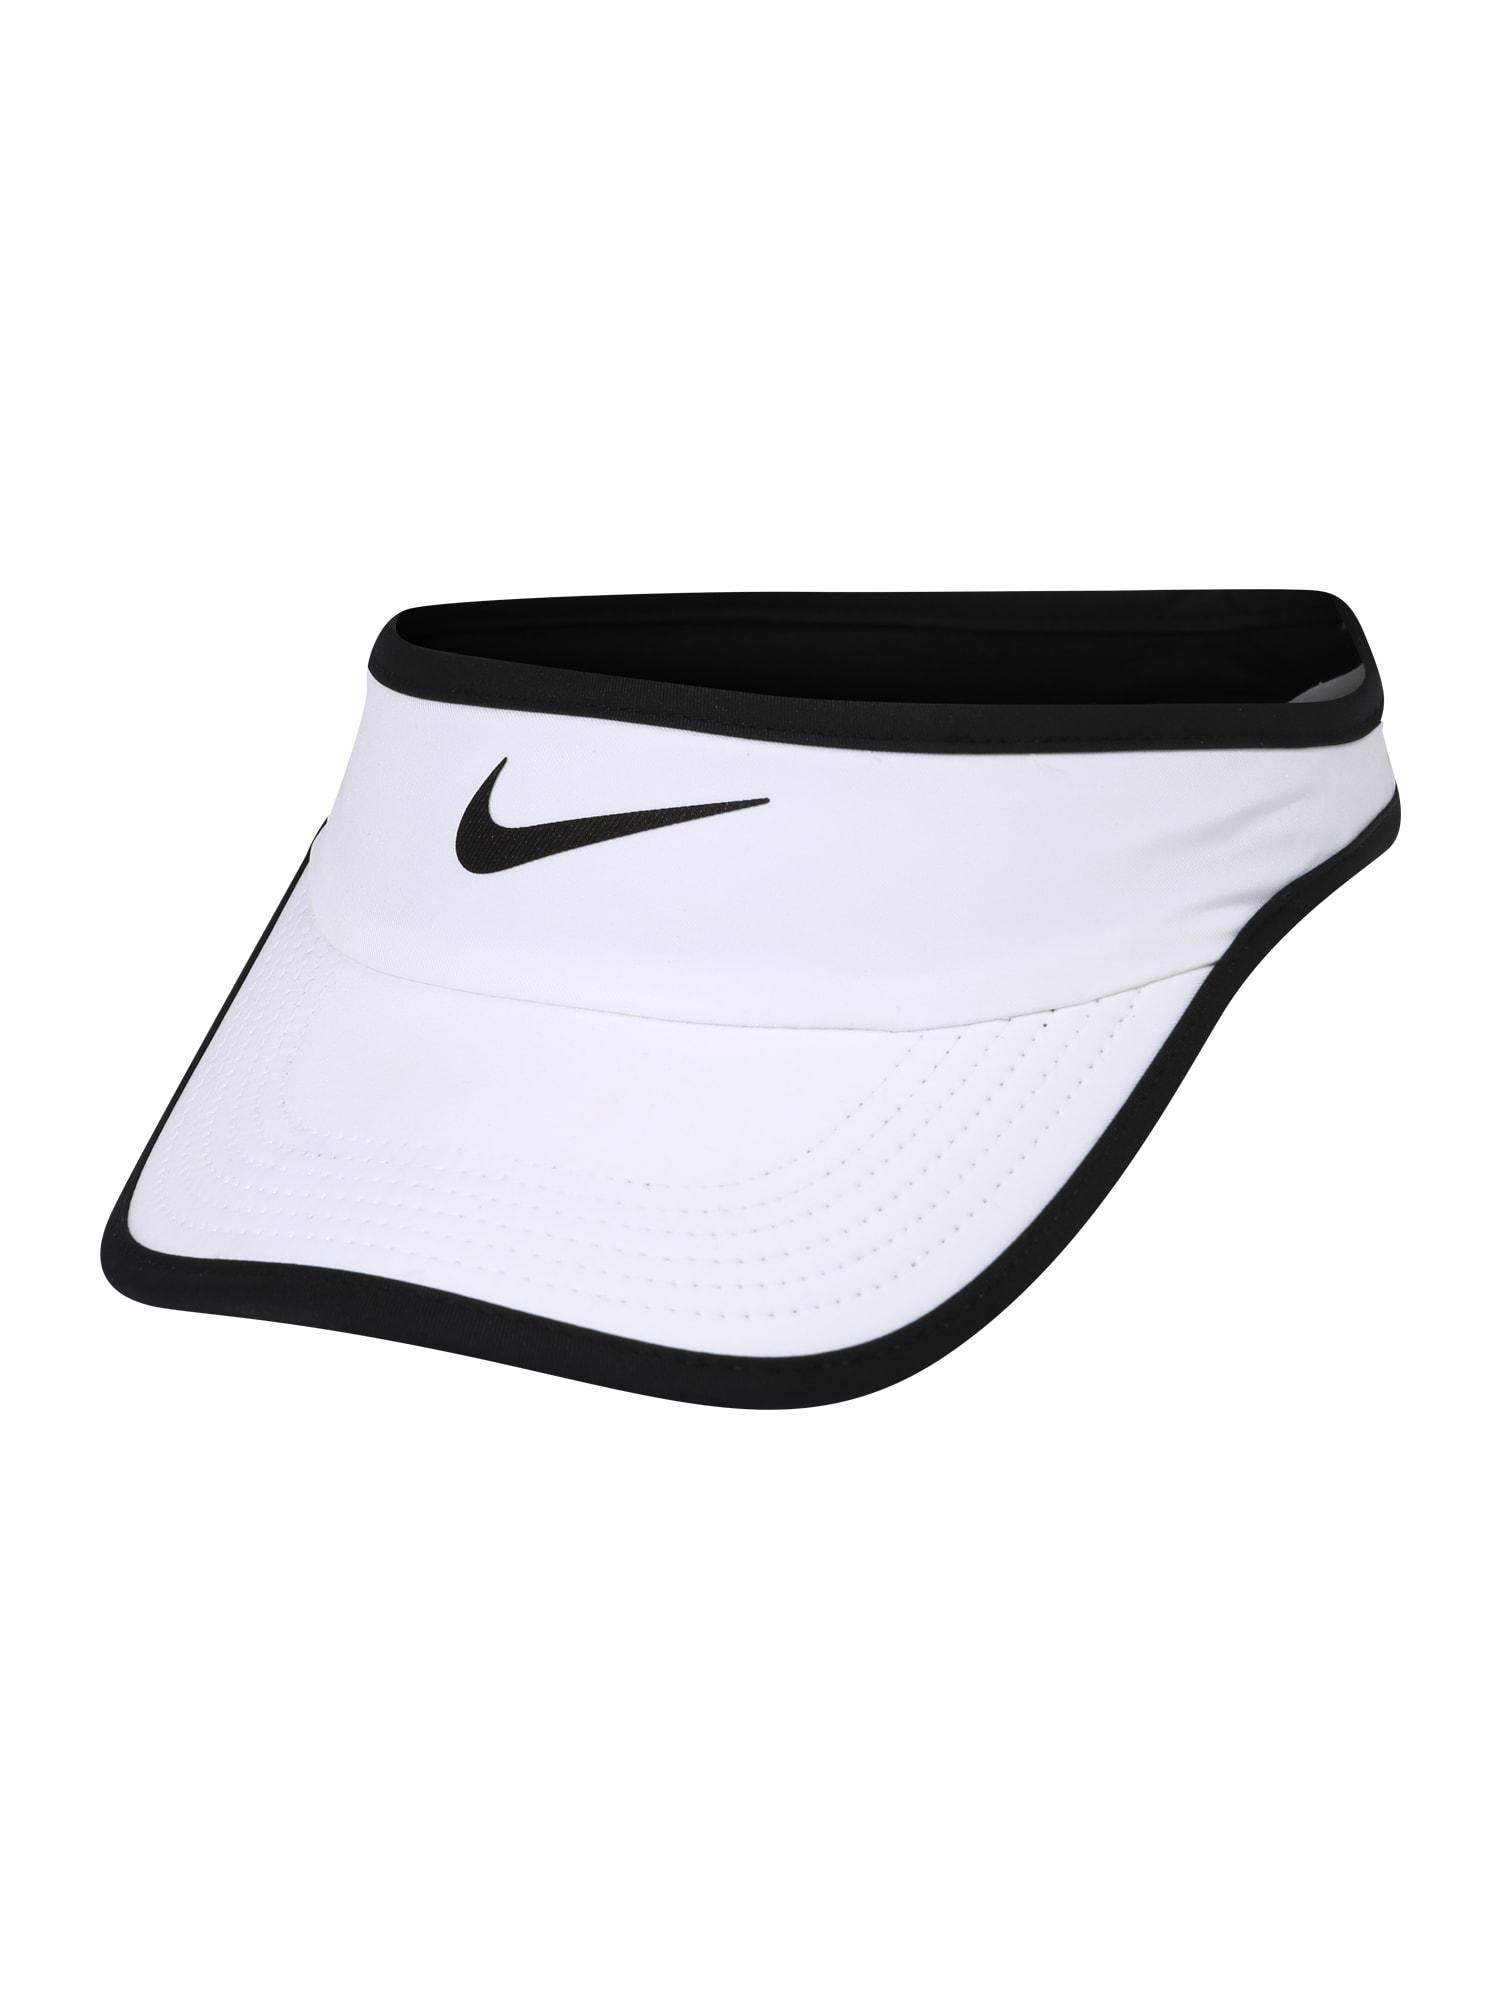 NIKE Sportinė kepurė balta / juoda